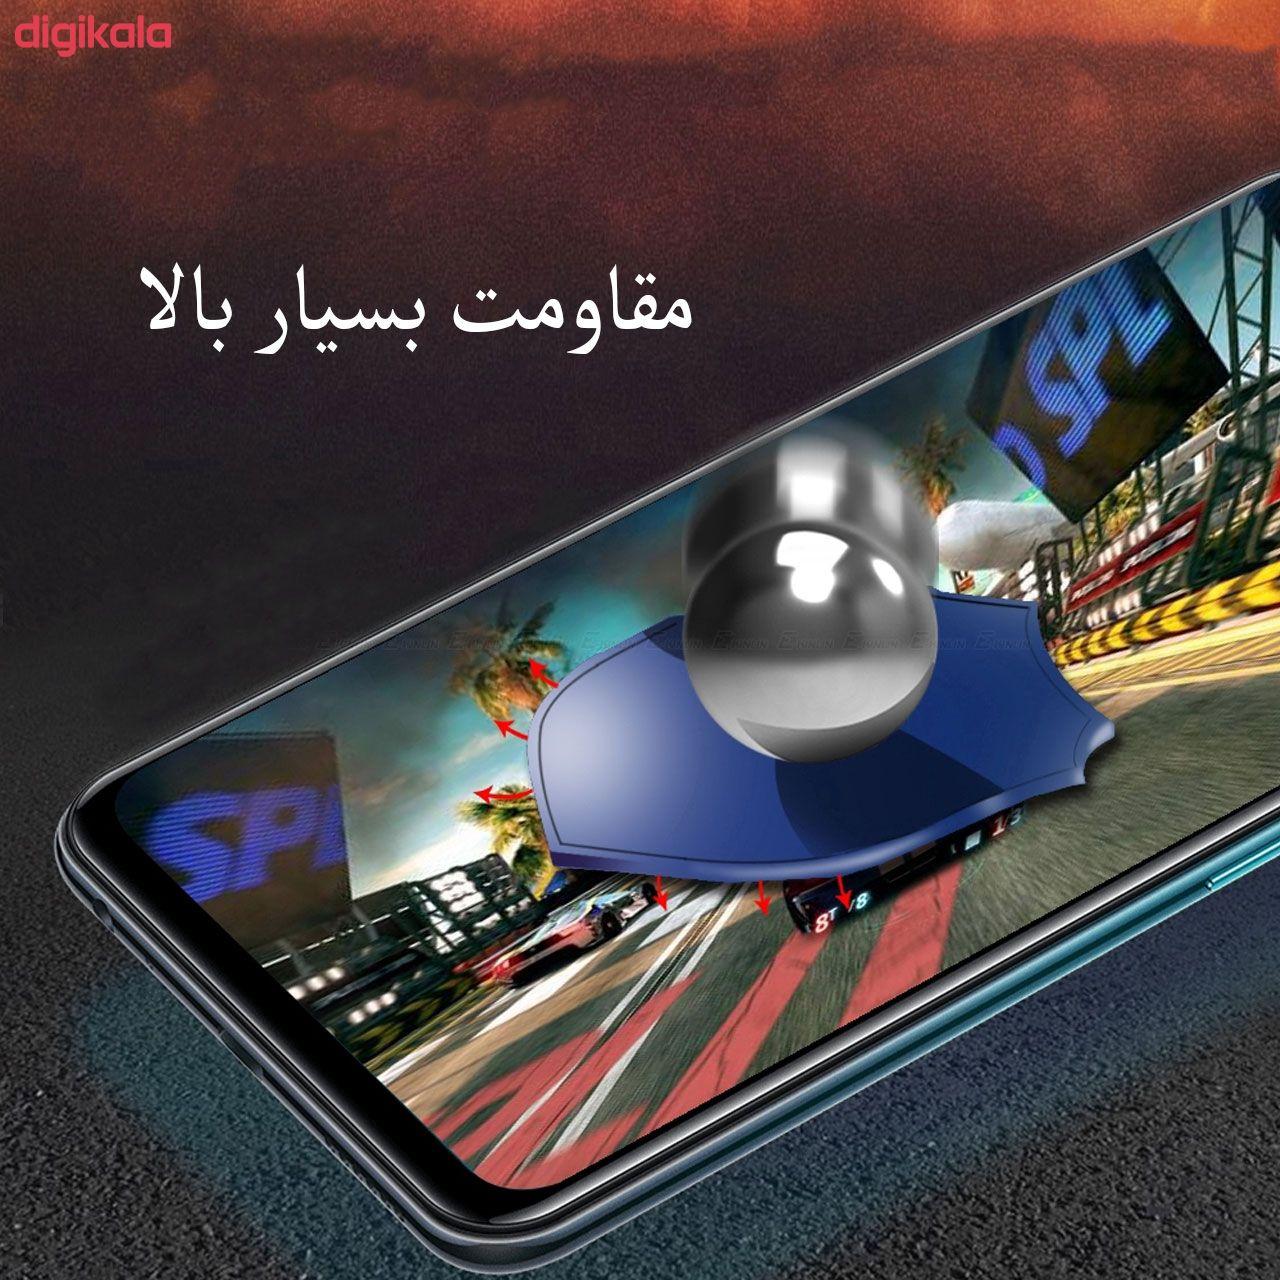 محافظ صفحه نمایش مدل FCG مناسب برای گوشی موبایل سامسونگ Galaxy M20 بسته سه عددی main 1 8